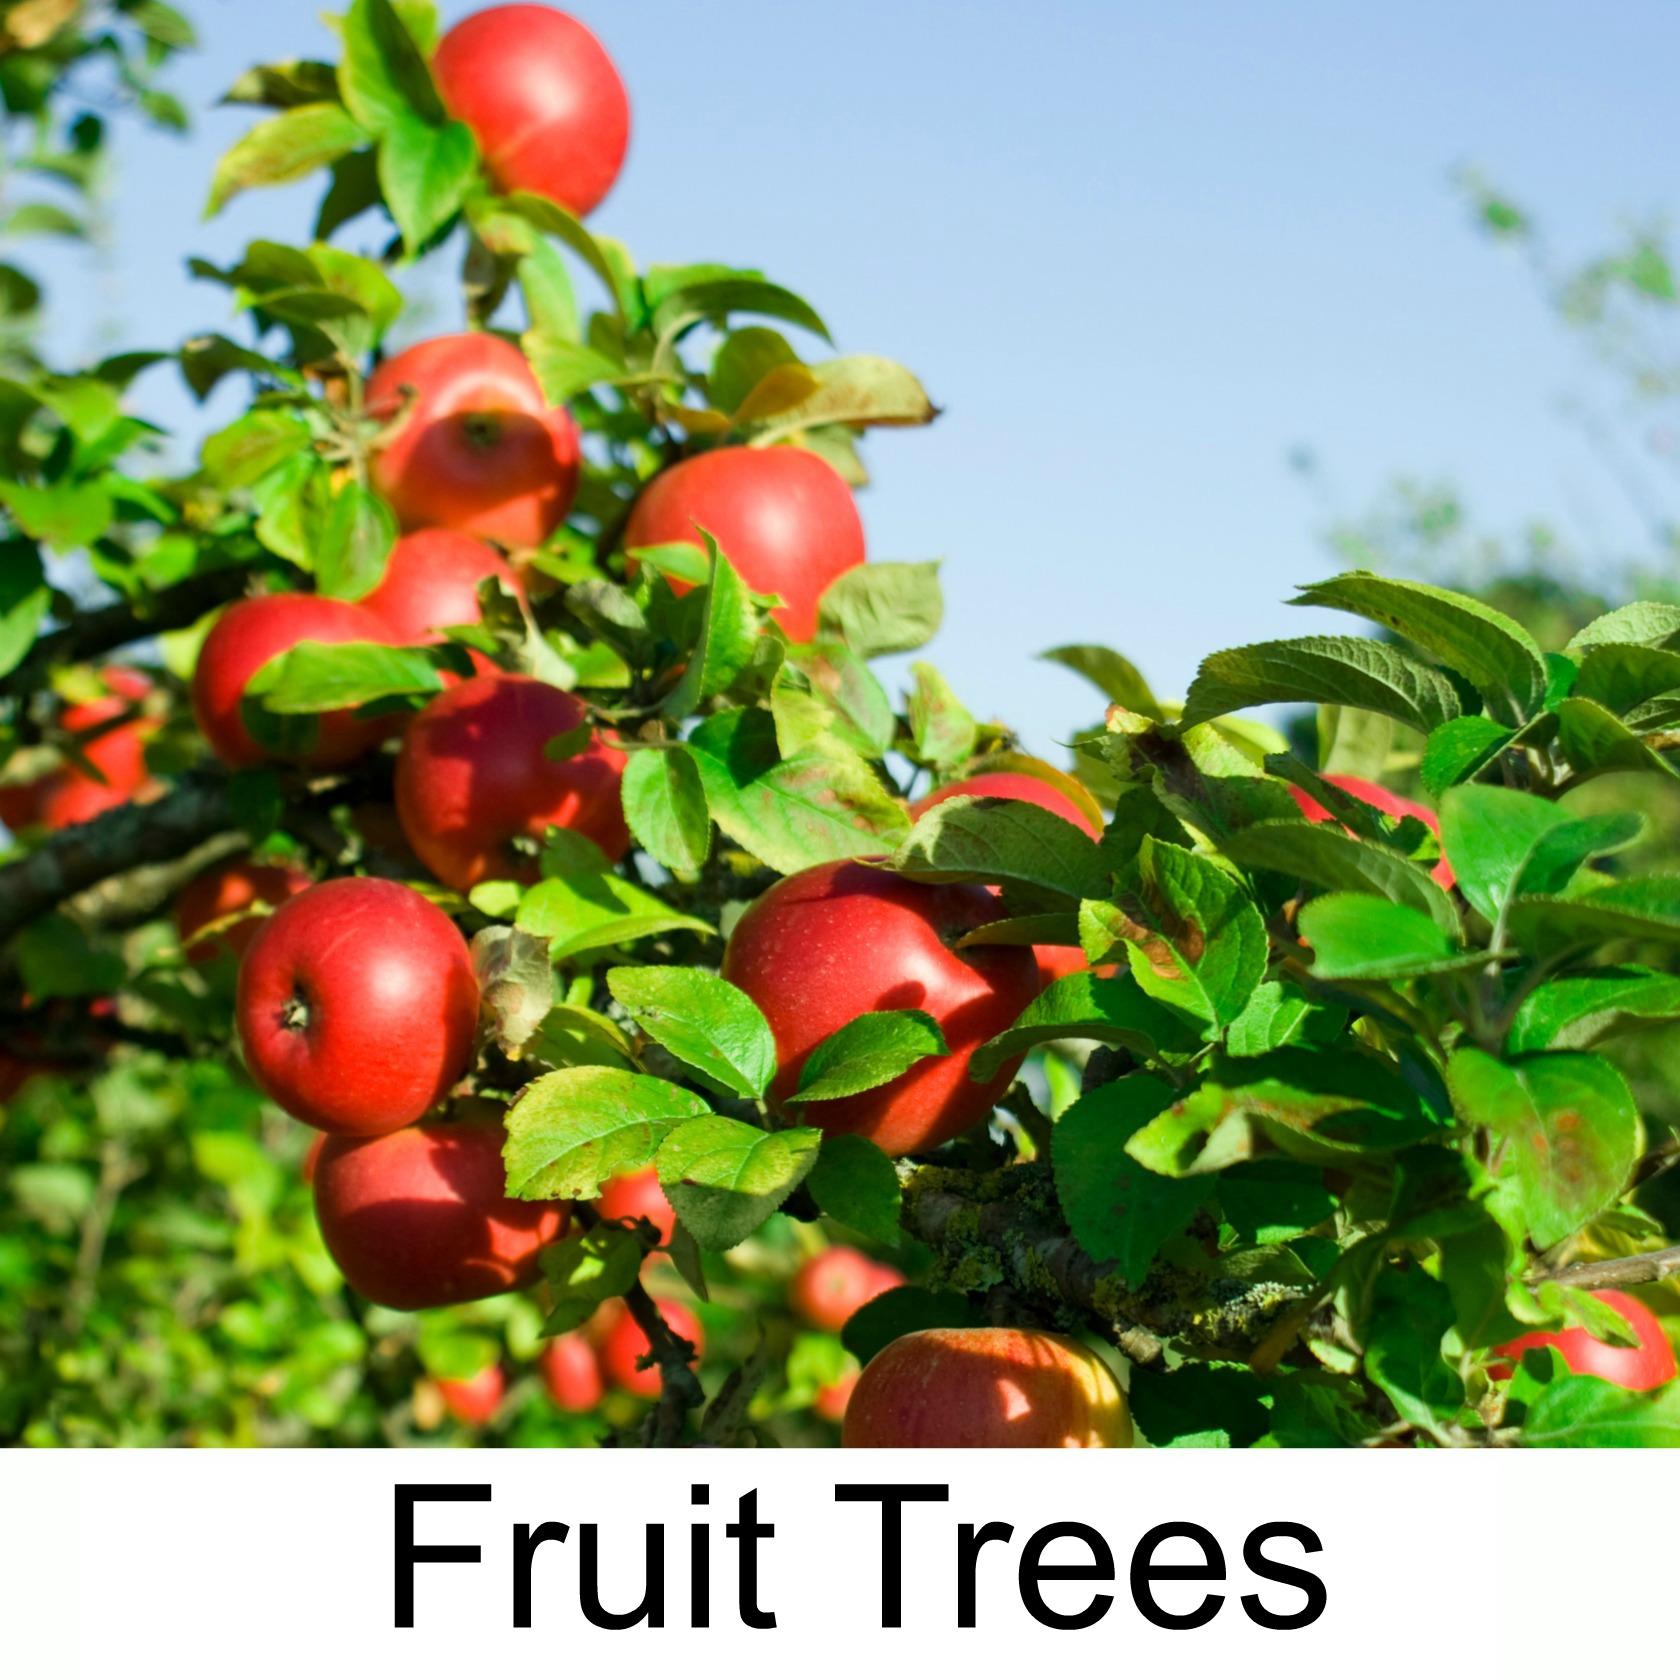 Fruit trees3.jpg